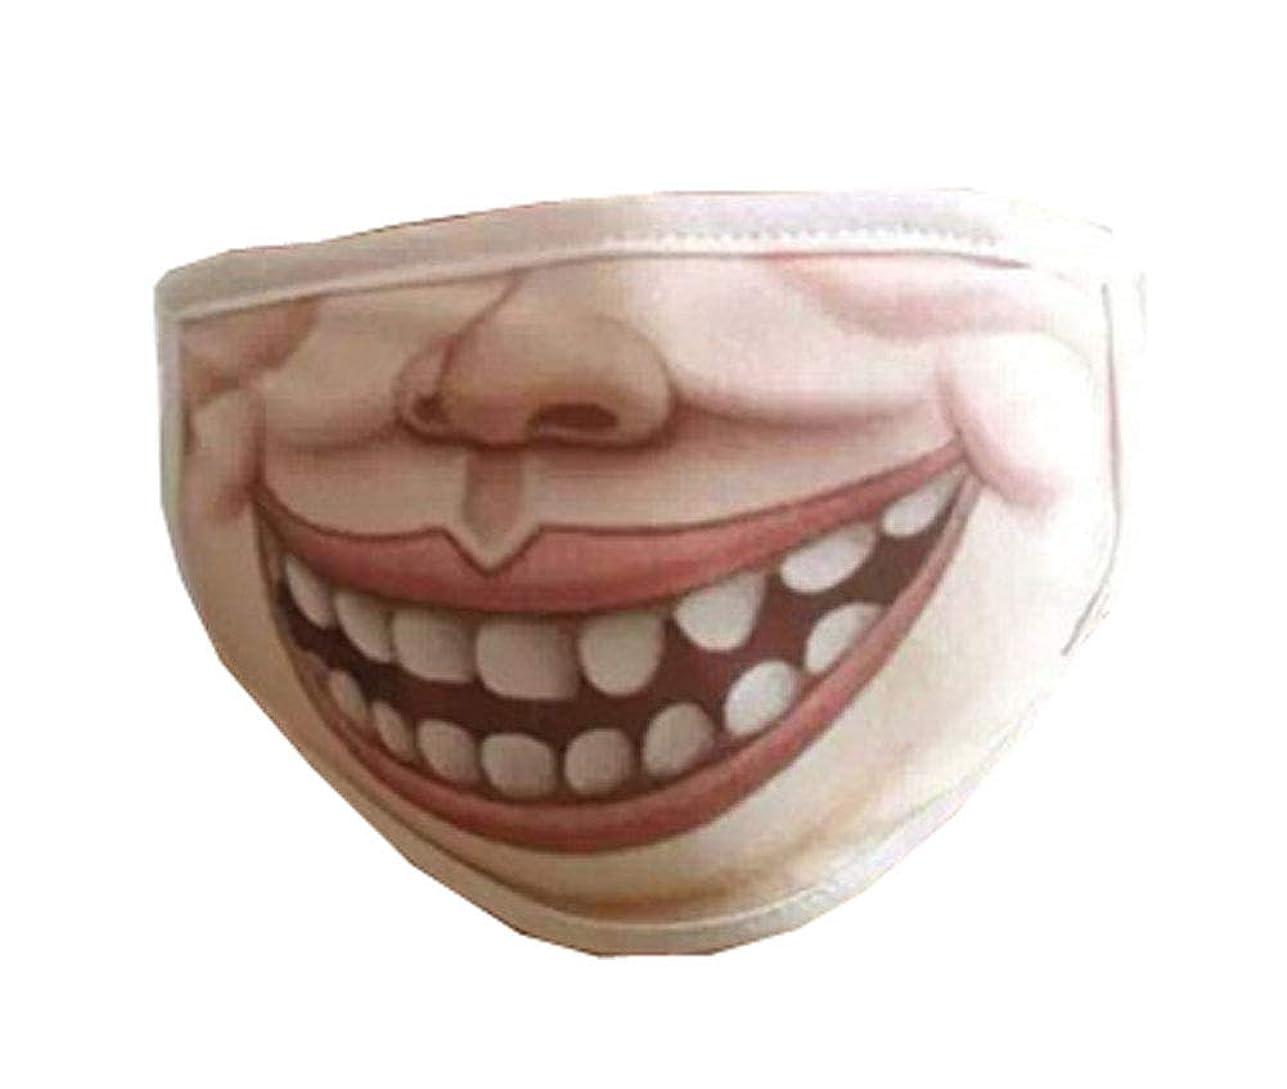 ゆりかごポジション傀儡面白い口のマスク、かわいいユニセックス顔の十代のマスク(G2)